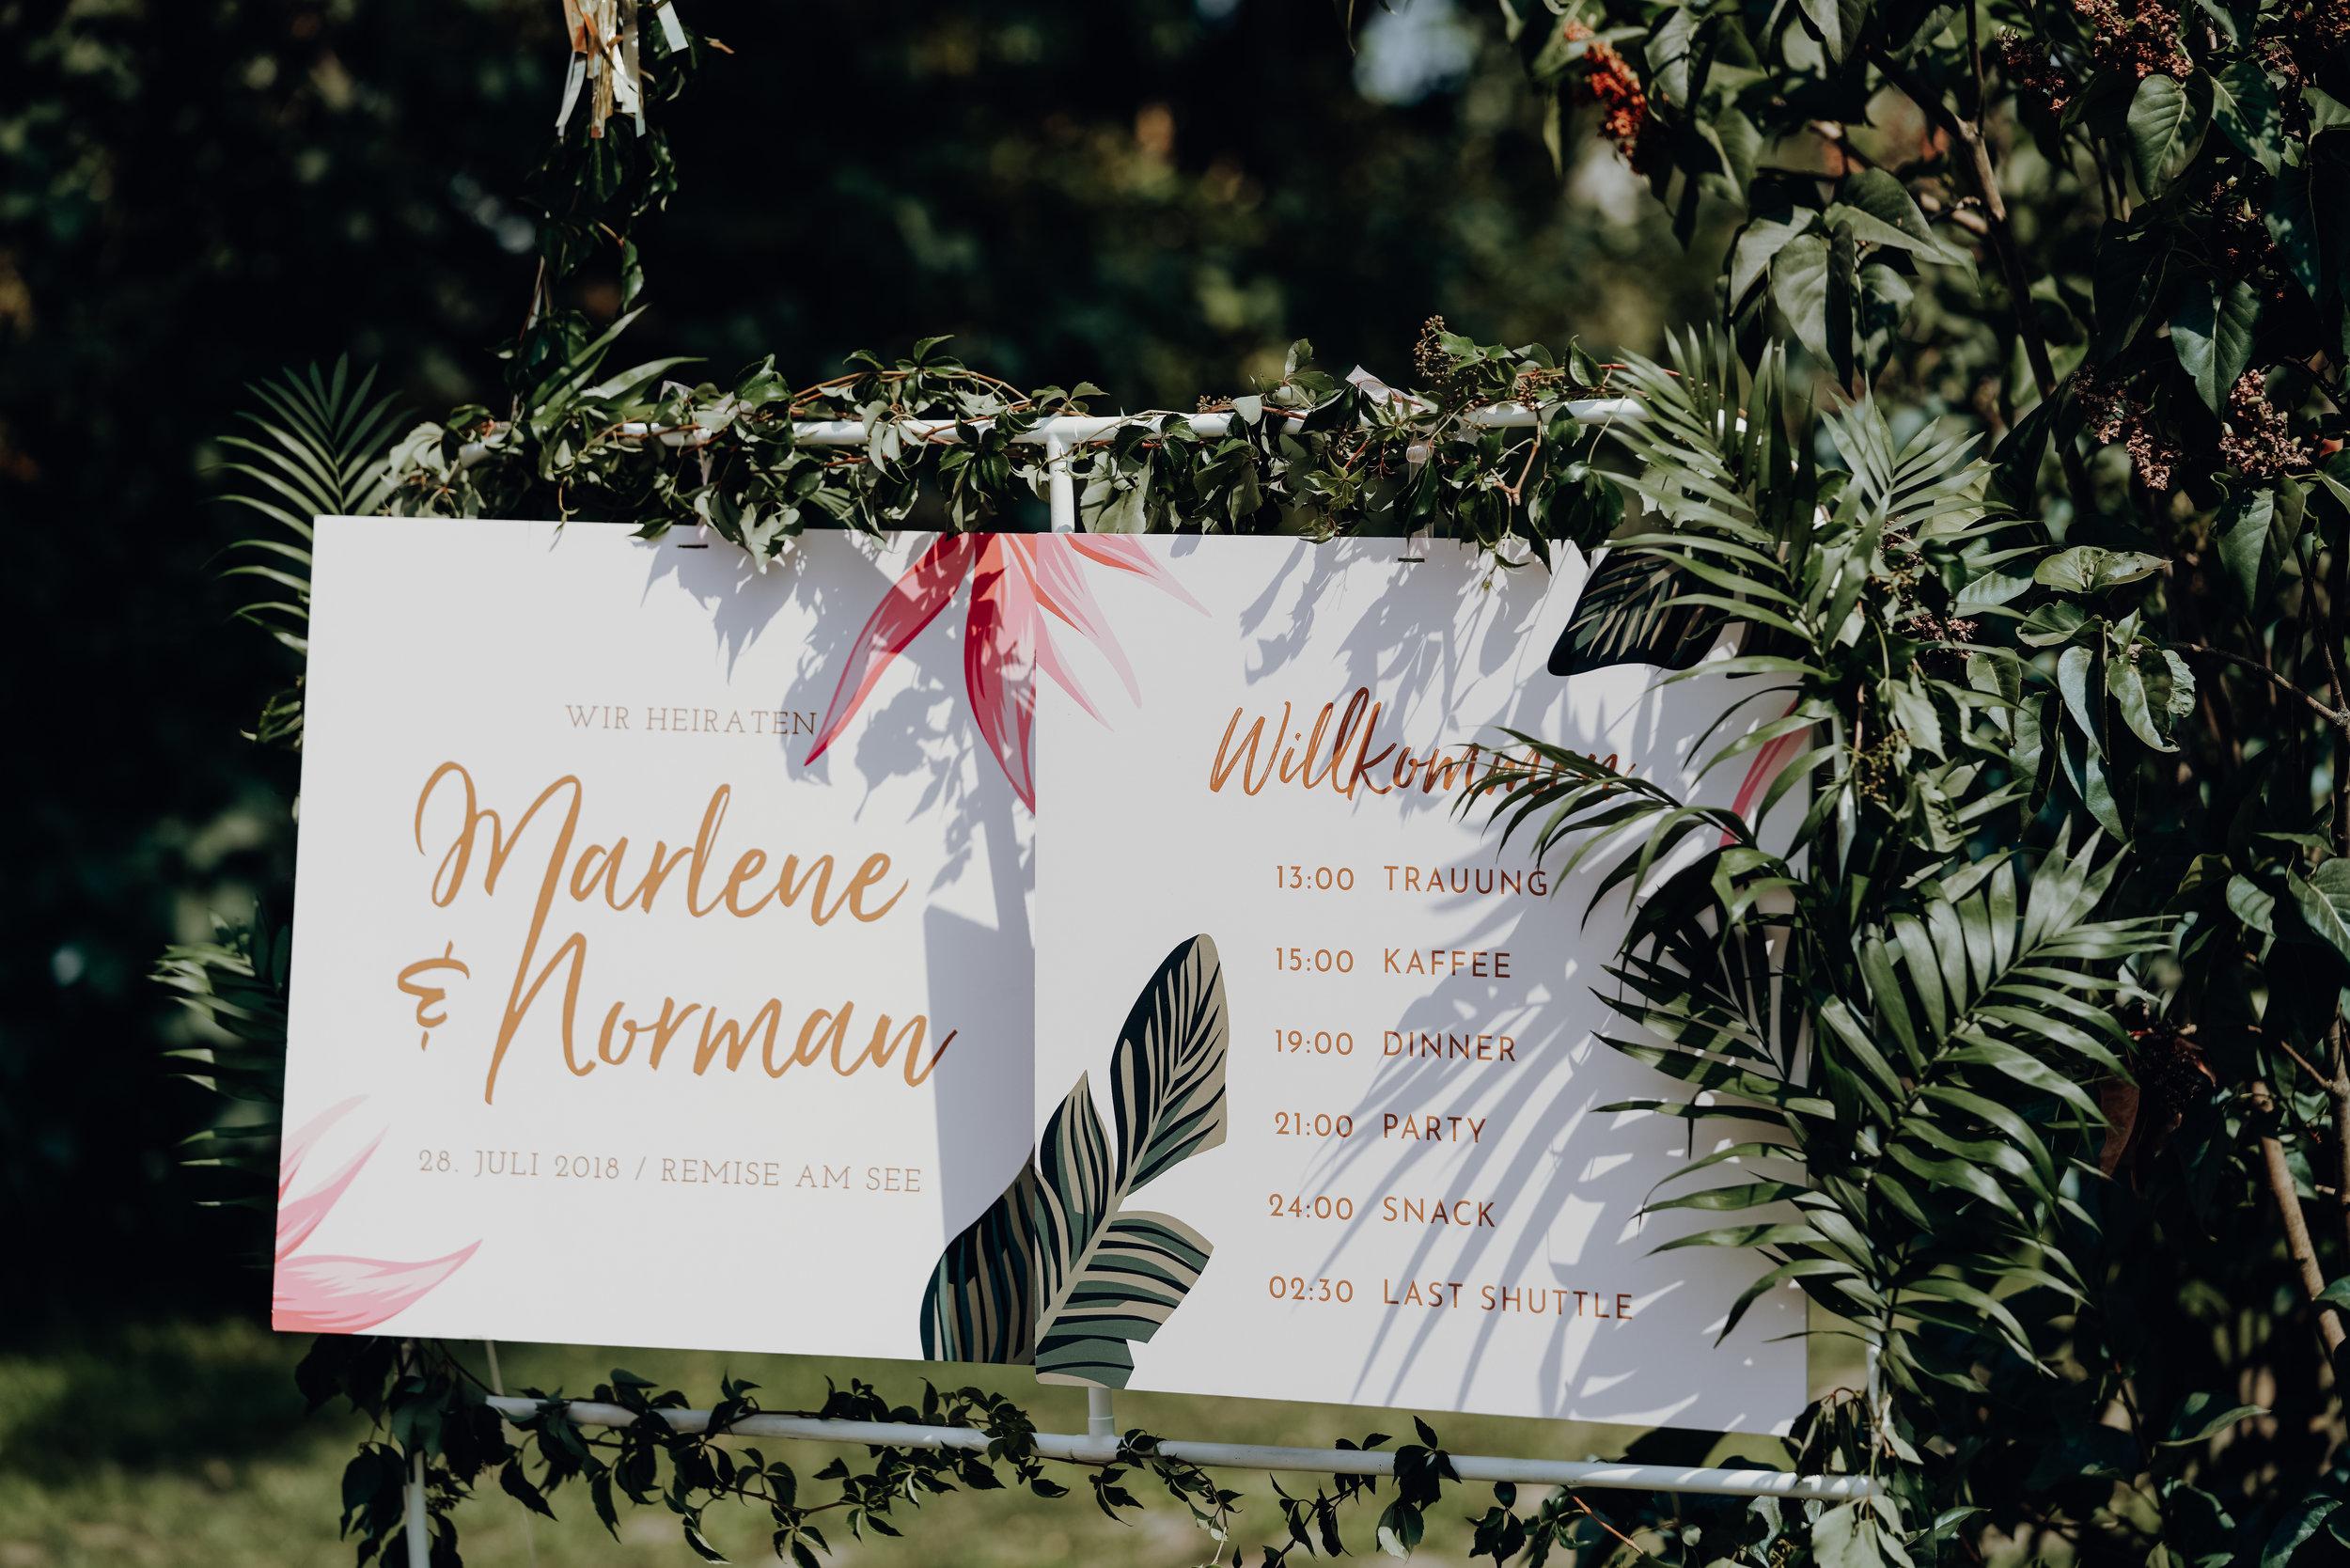 2018-07-28-Marlene×Norman-NP-121828.jpg